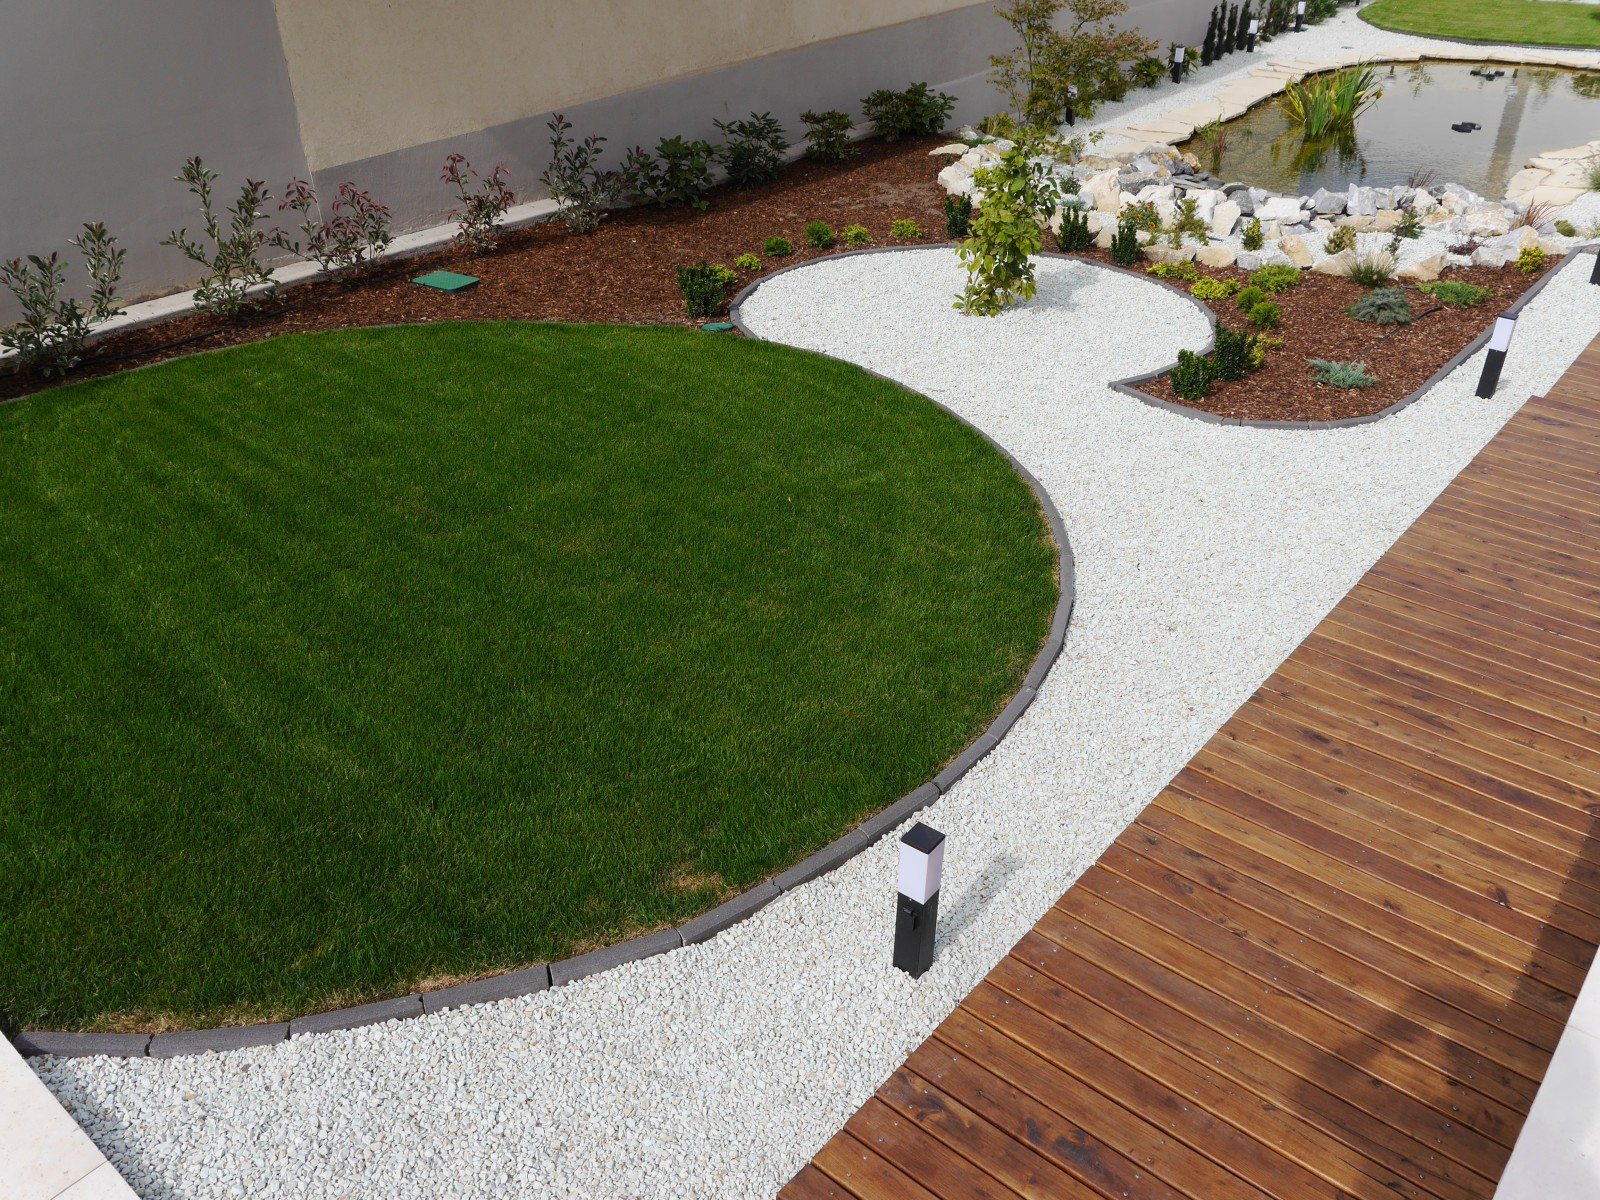 Az élő fű csodás látványával díszíti a kertet, emellett tisztítja a levegőt és élőhelyet biztosít az állatoknak!